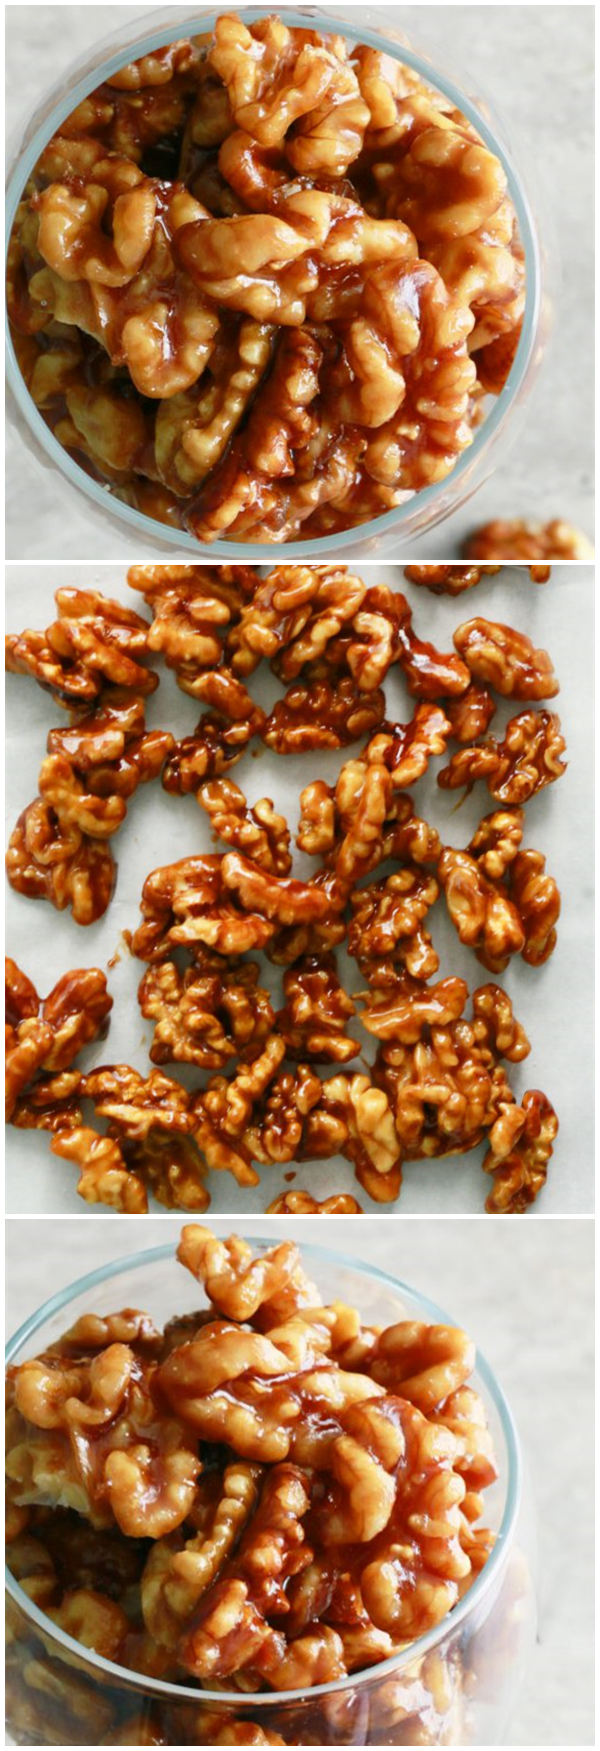 5 Minute Caramel Walnuts